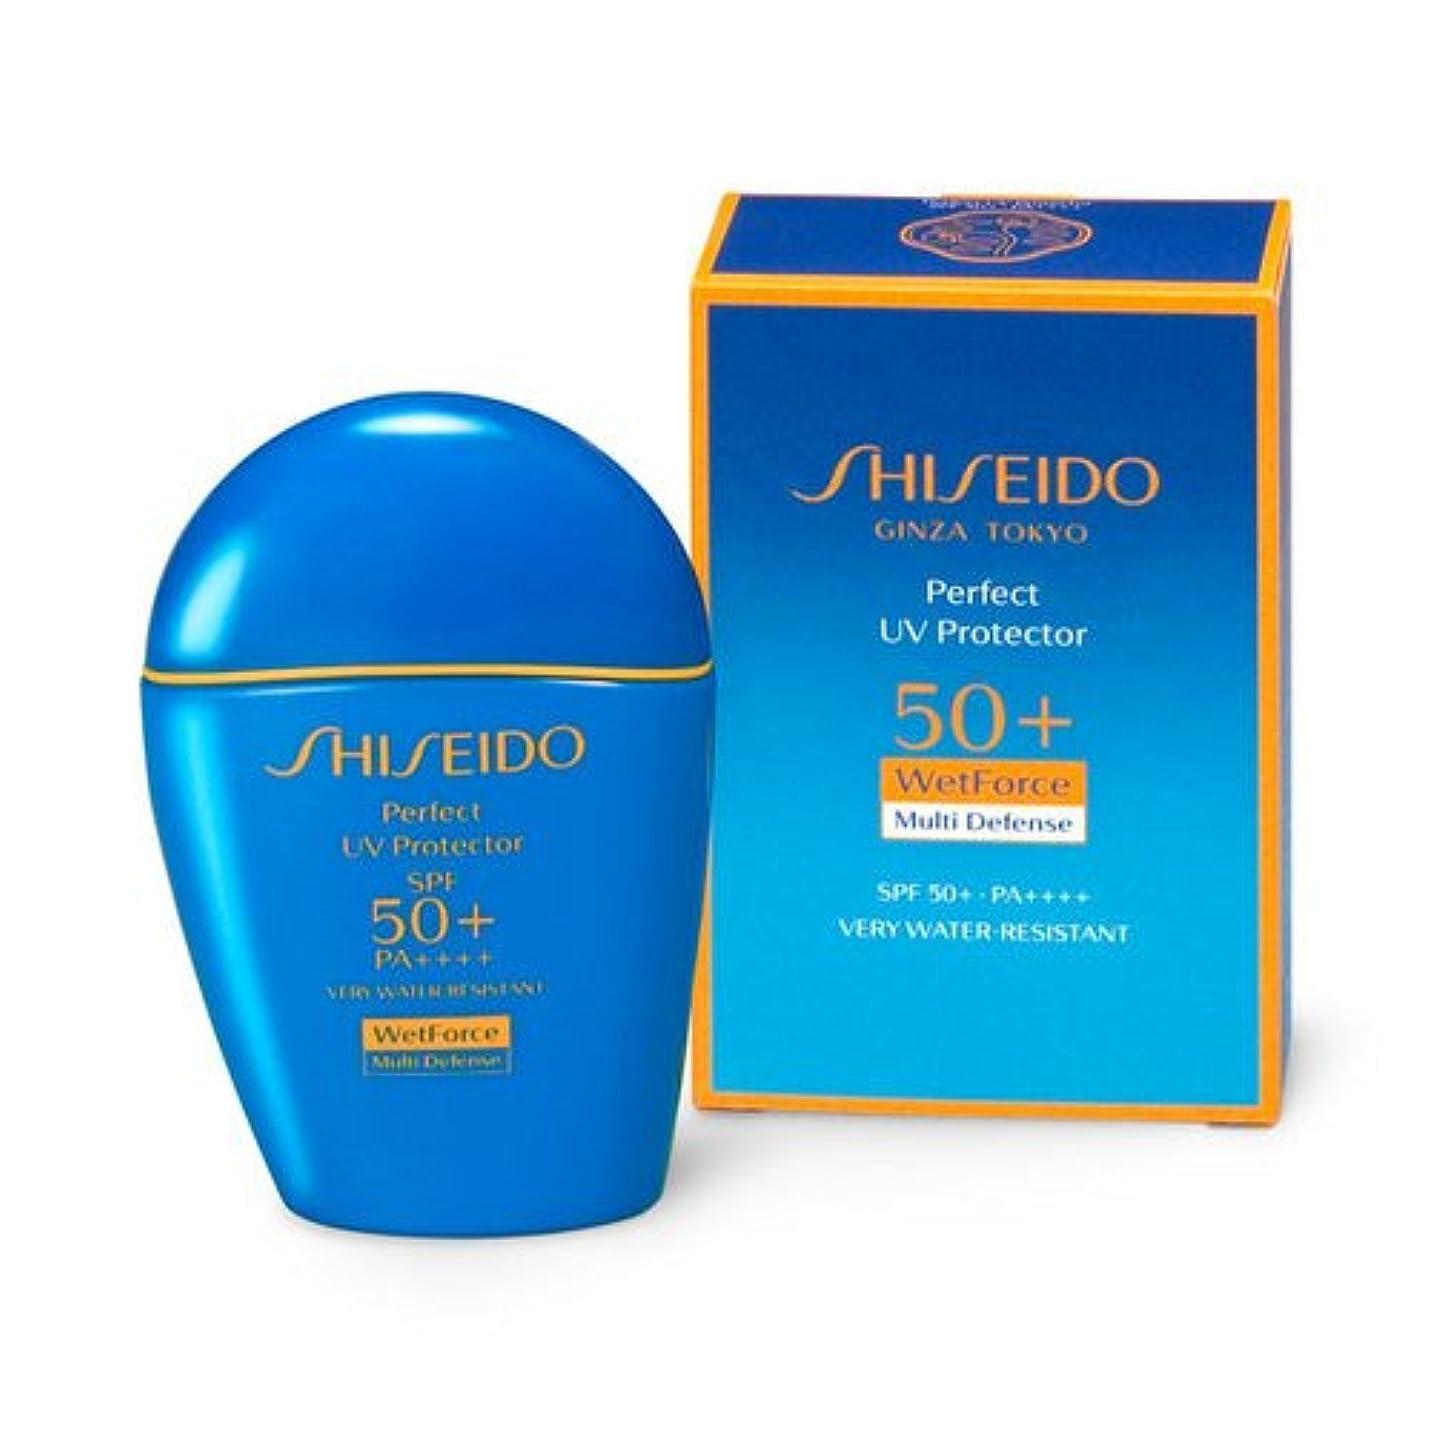 論理的無限大累計SHISEIDO Suncare(資生堂 サンケア) SHISEIDO(資生堂) パーフェクト UVプロテクター 50mL